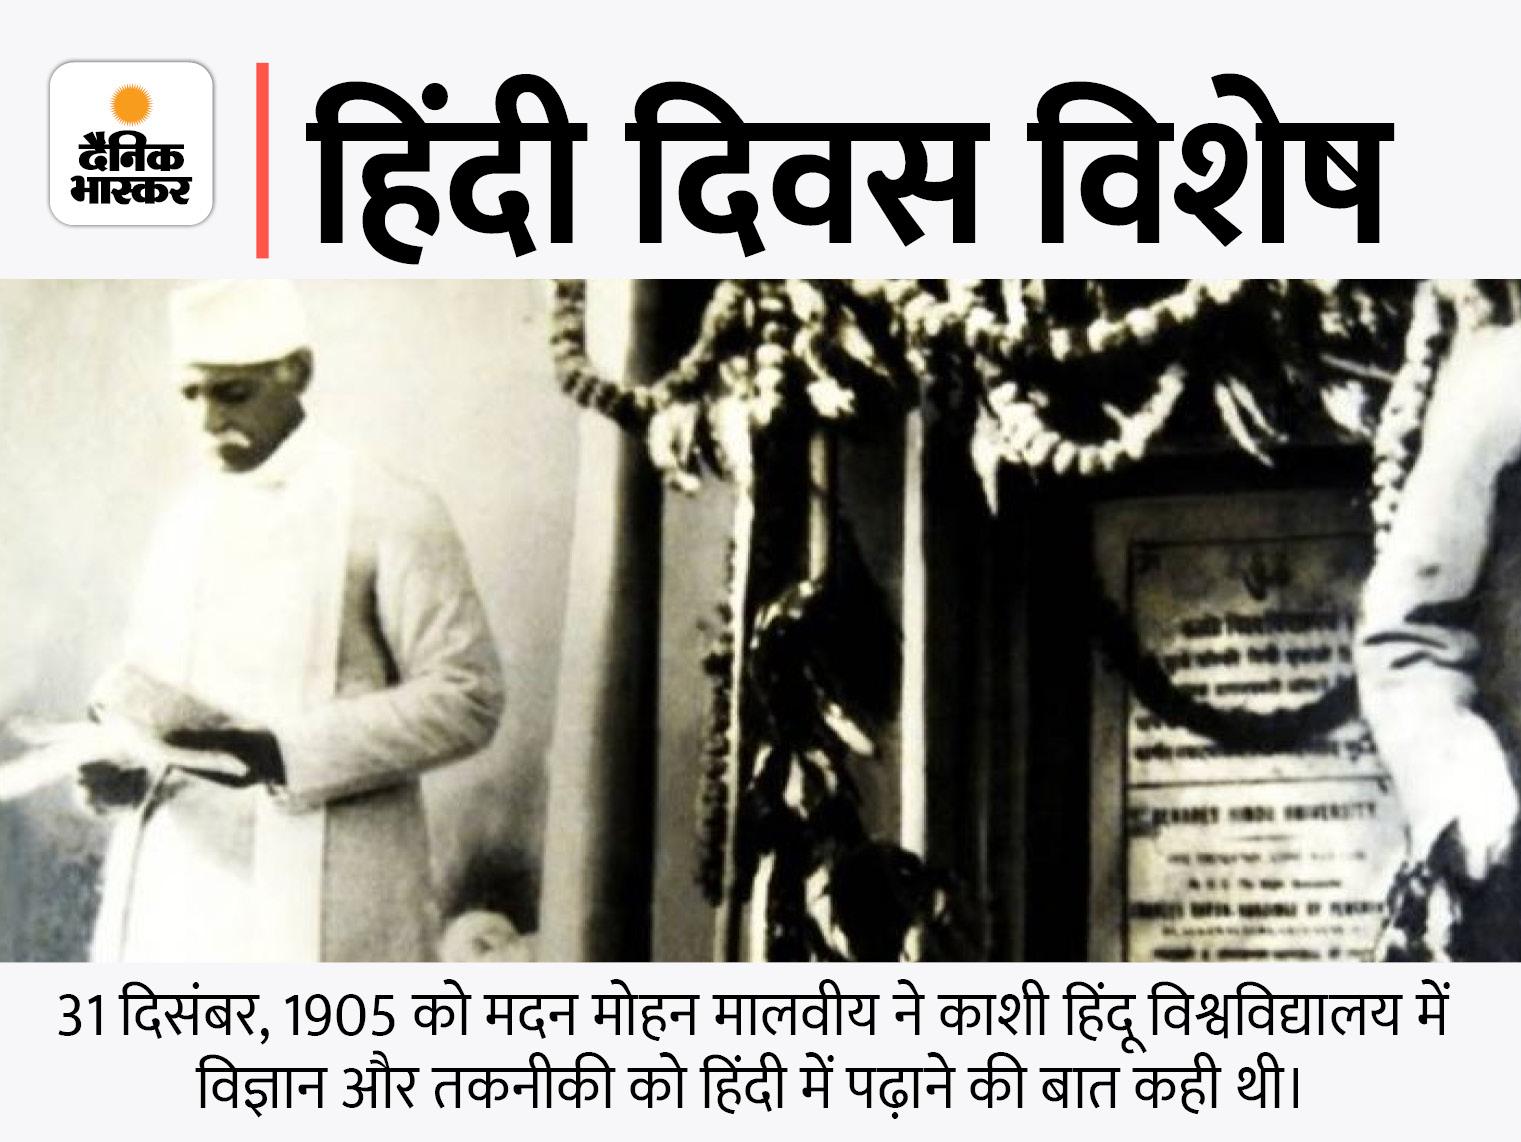 तब महामना ने तकनीकी शिक्षा को हिंदी में पढ़ाने का रखा था प्रस्ताव, इसी सत्र से IIT-BHU में बीटेक की पढ़ाई हिंदी में भी होगी|वाराणसी,Varanasi - Dainik Bhaskar